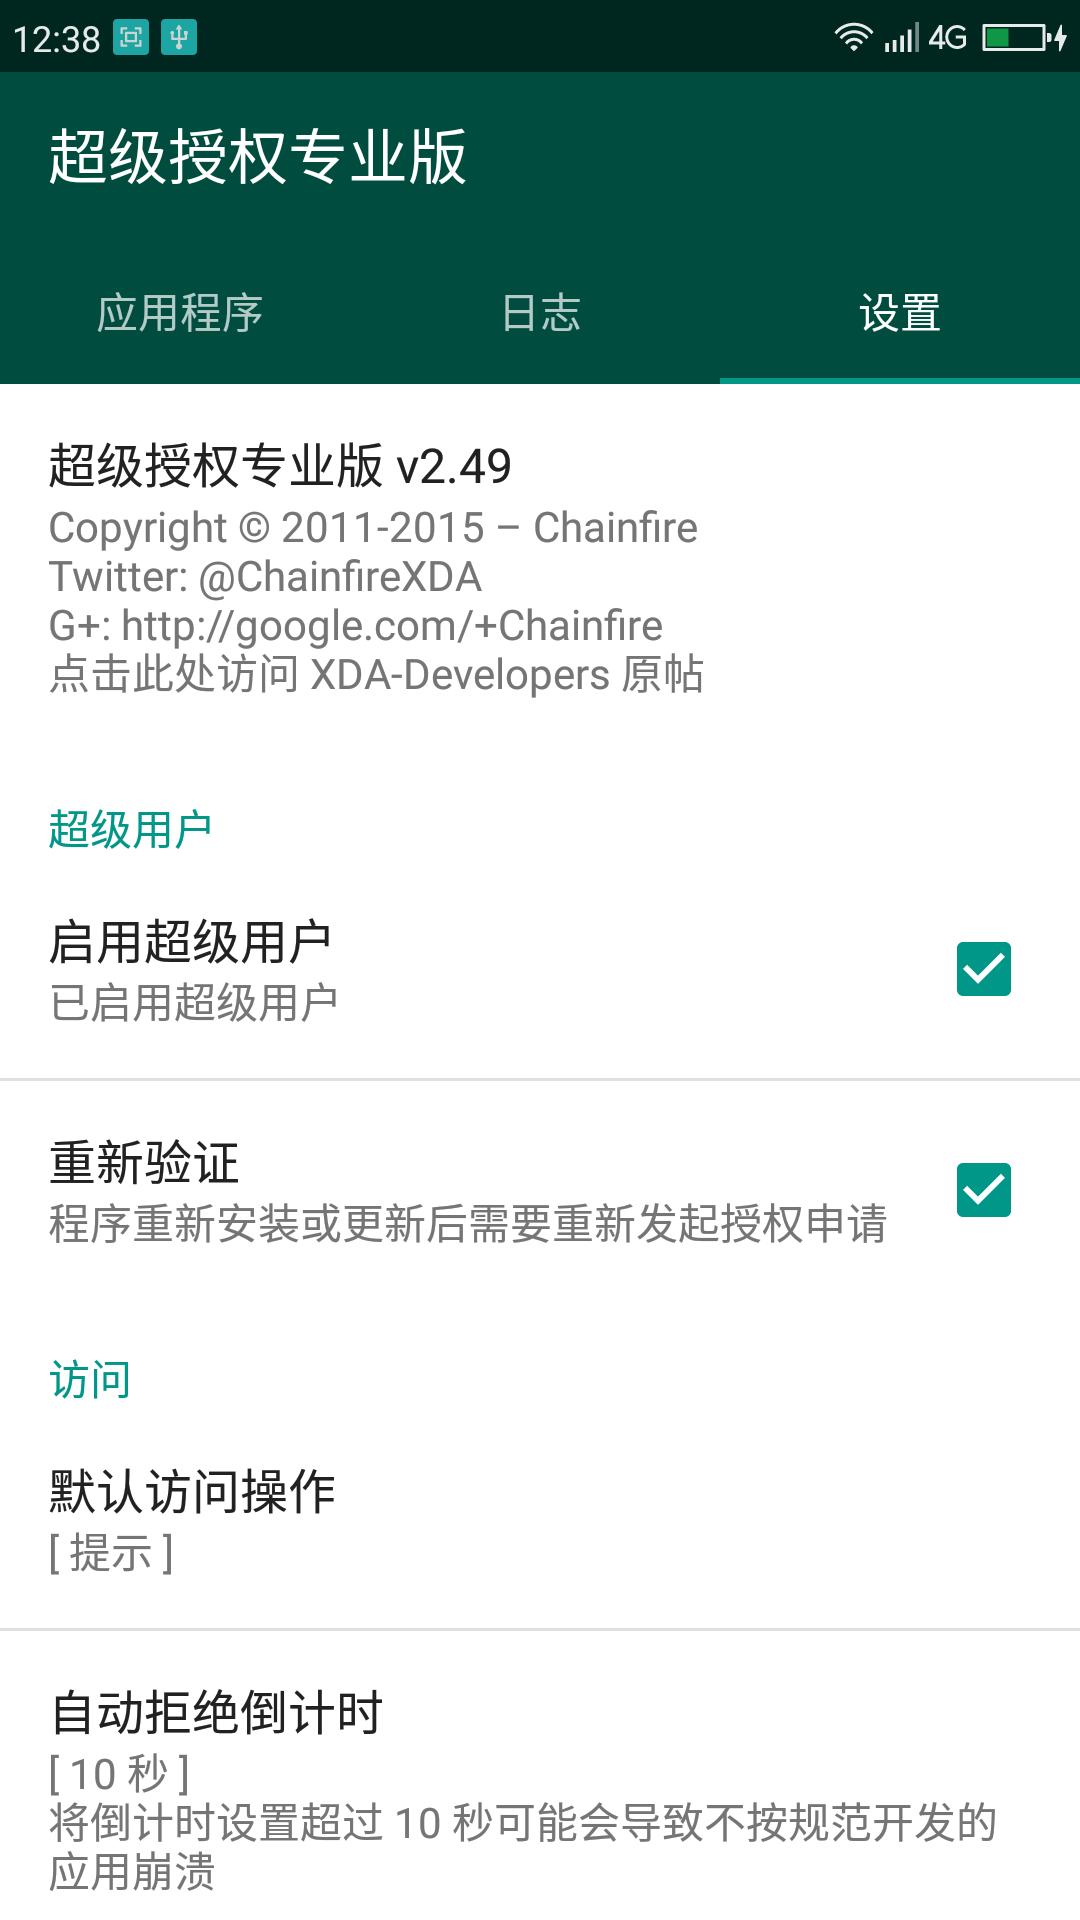 360手机N4刷机包 1503-A01全网通版 官方6.0.049.P1.170320.1503_A01-CT 线刷包 推荐刷入截图